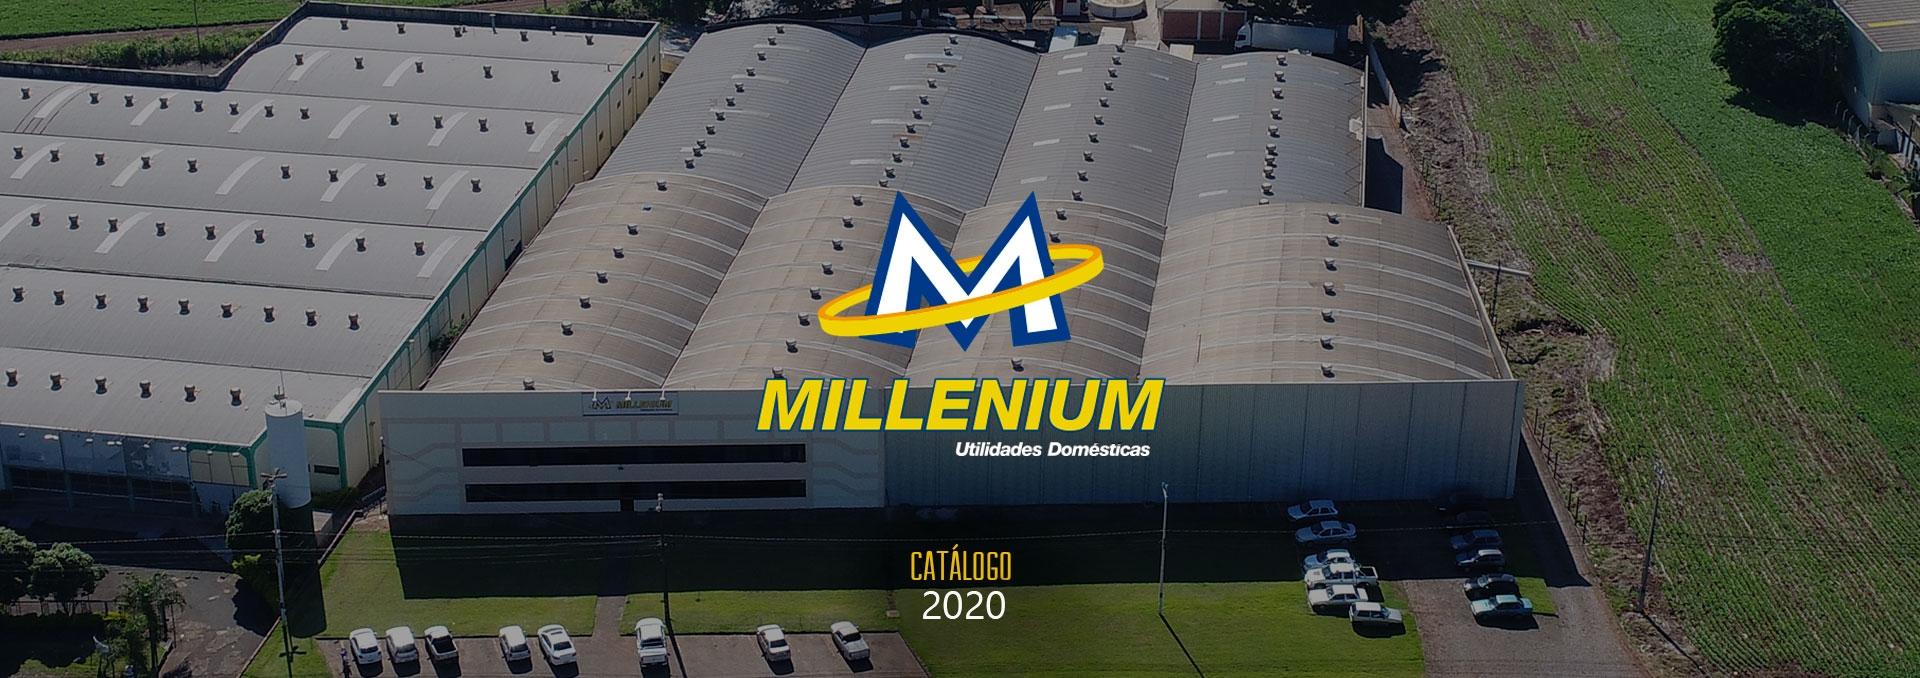 Catálogo Millenium 2020